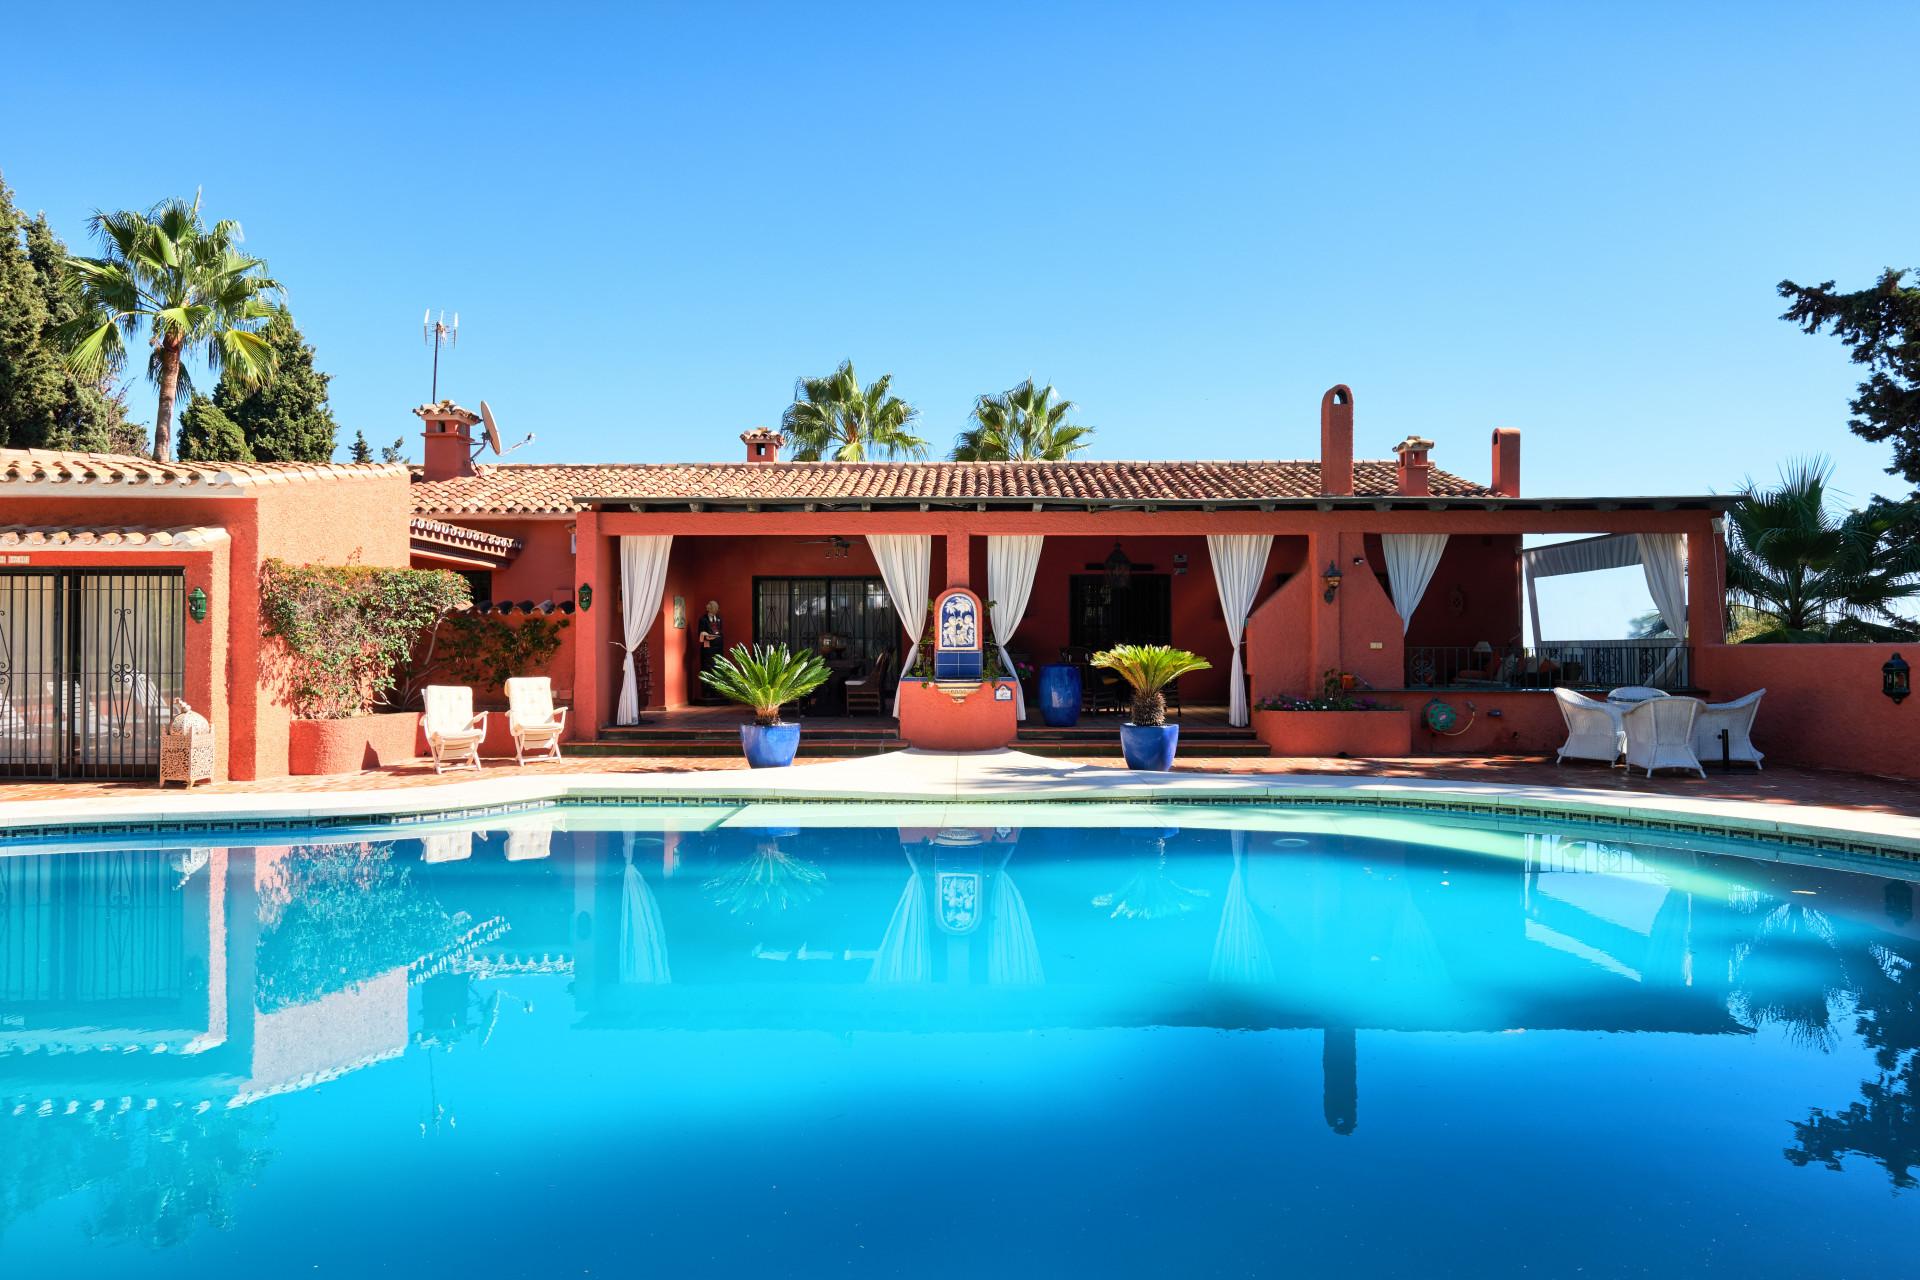 ARFV2027-255 - Super Investion - Charmante Villa  zum Verkauf an der Goldenen Meile in Marbella